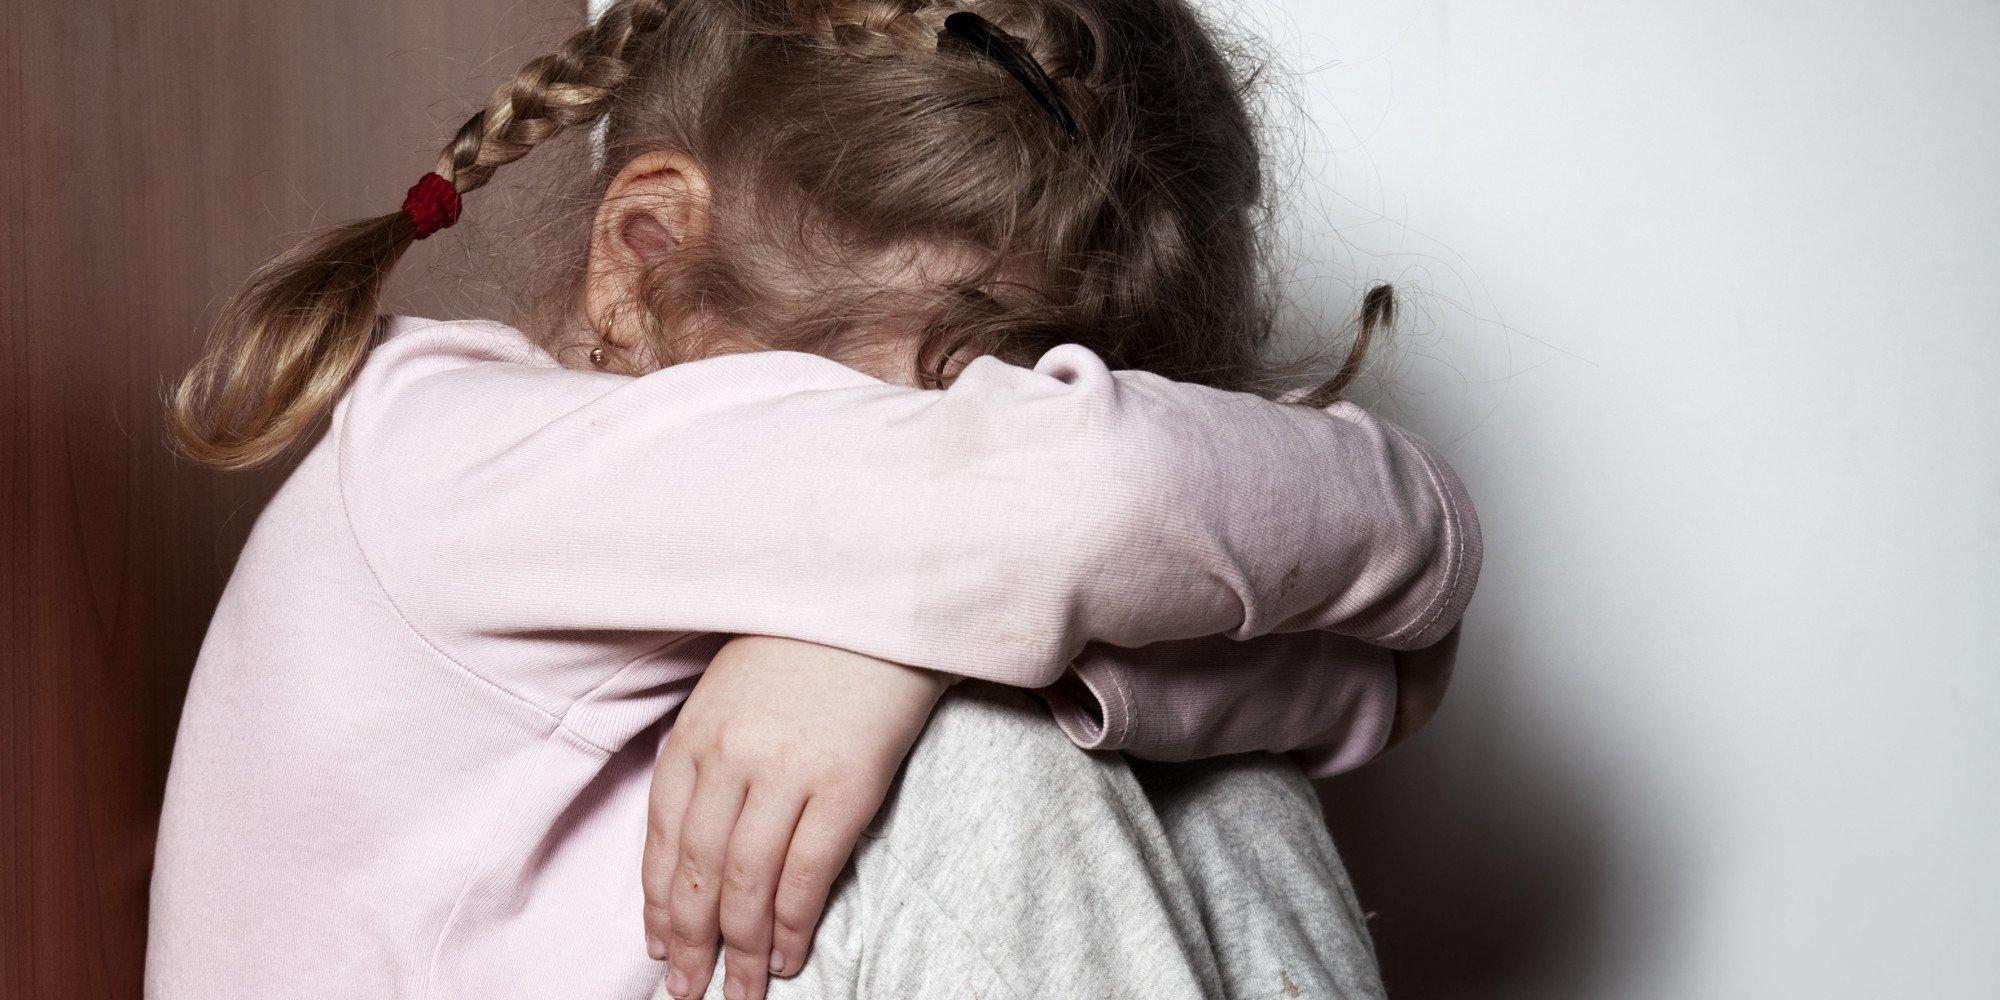 В Курской области поймали двух предполагаемых педофилов